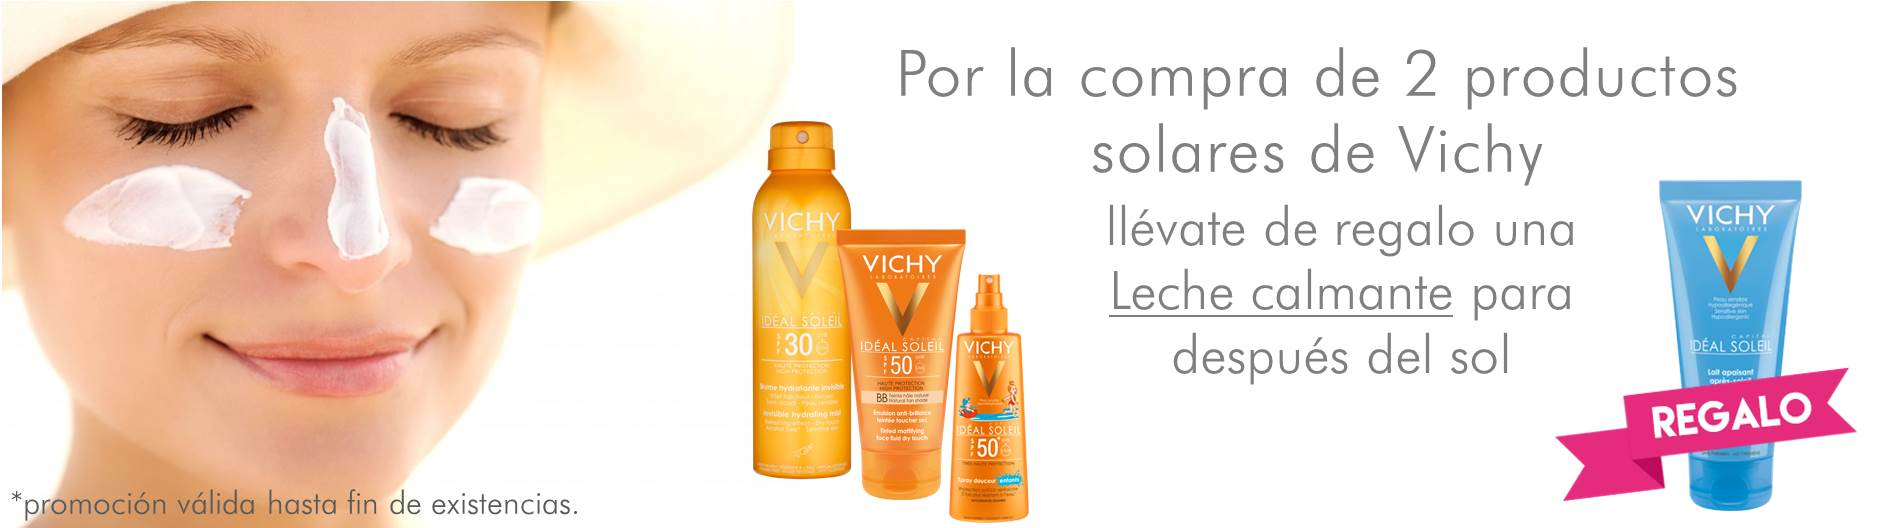 promo-vichy-solar